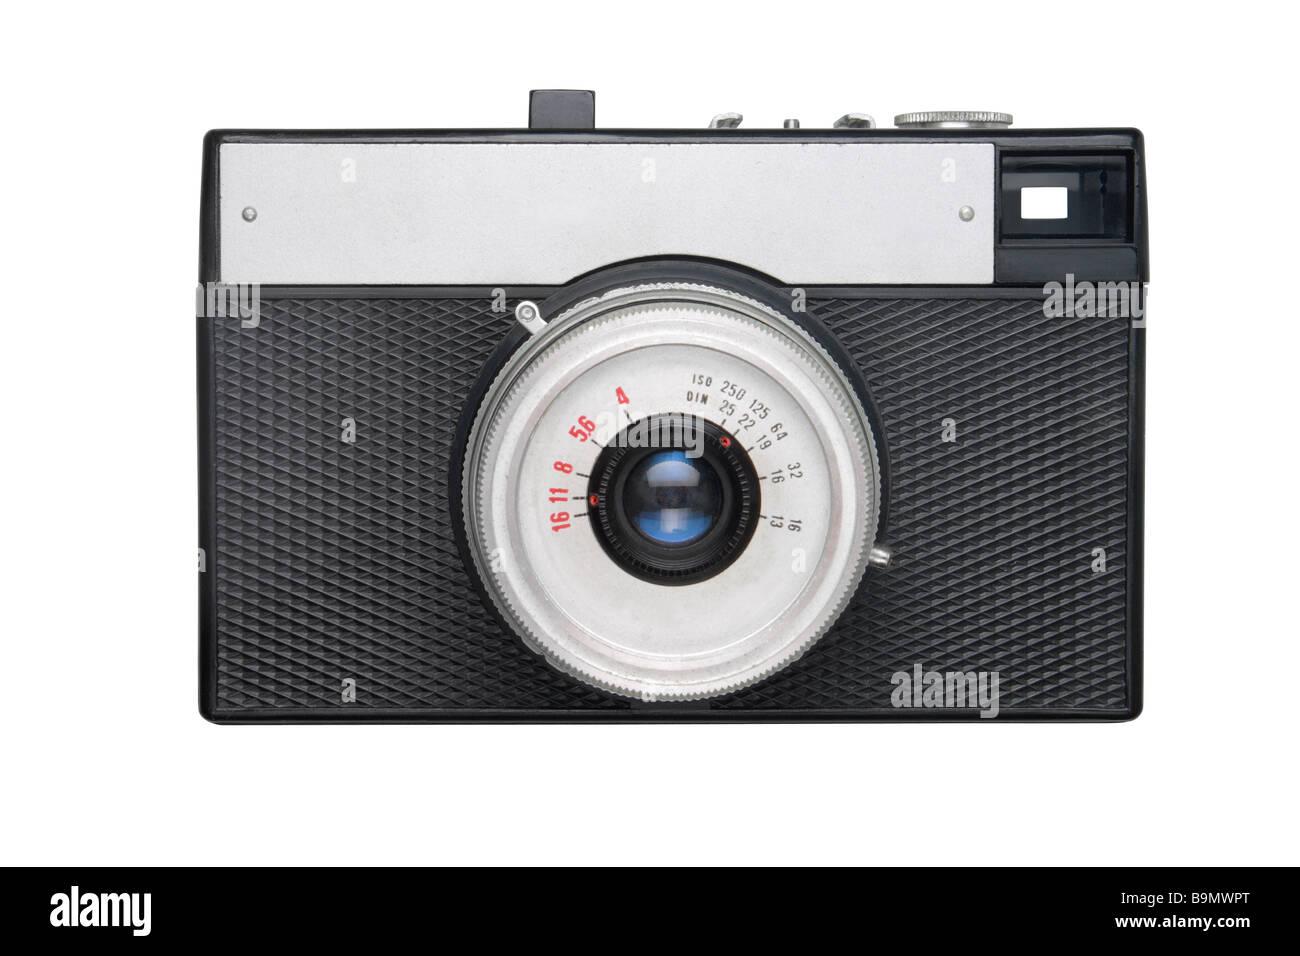 Telecamera cinematografica isolato su bianco Immagini Stock